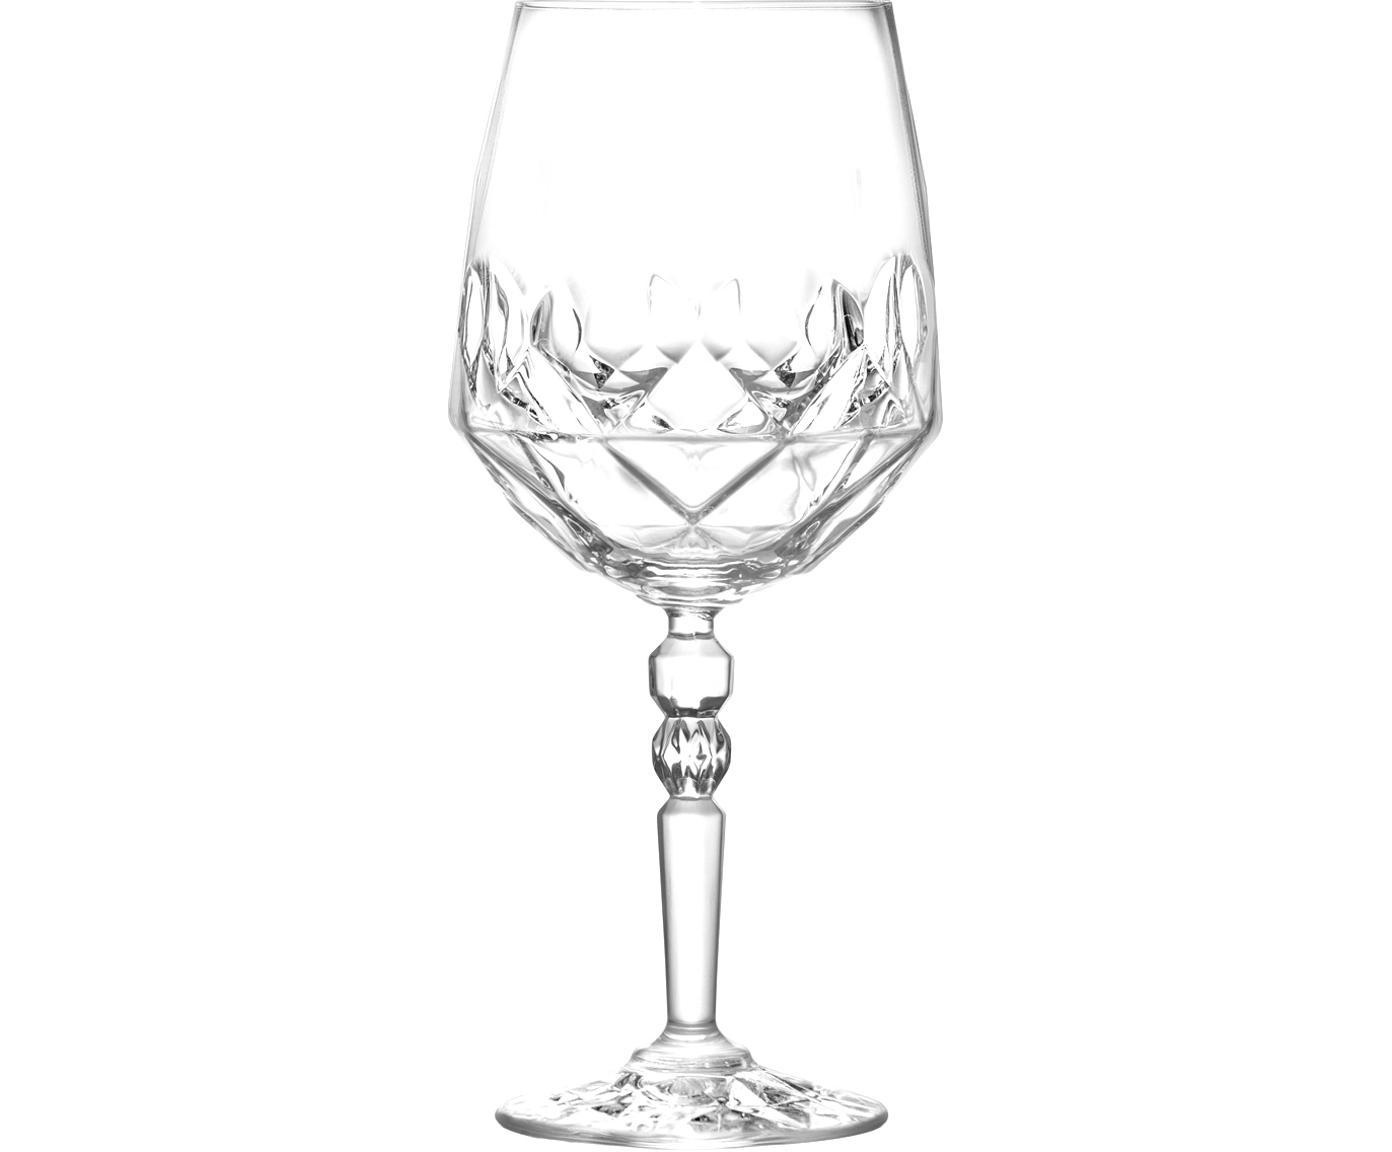 Kryształowy kieliszek do białego wina Calicia, 6 szt., Szkło kryształowe, Transparentny, Ø 10 x W 23 cm